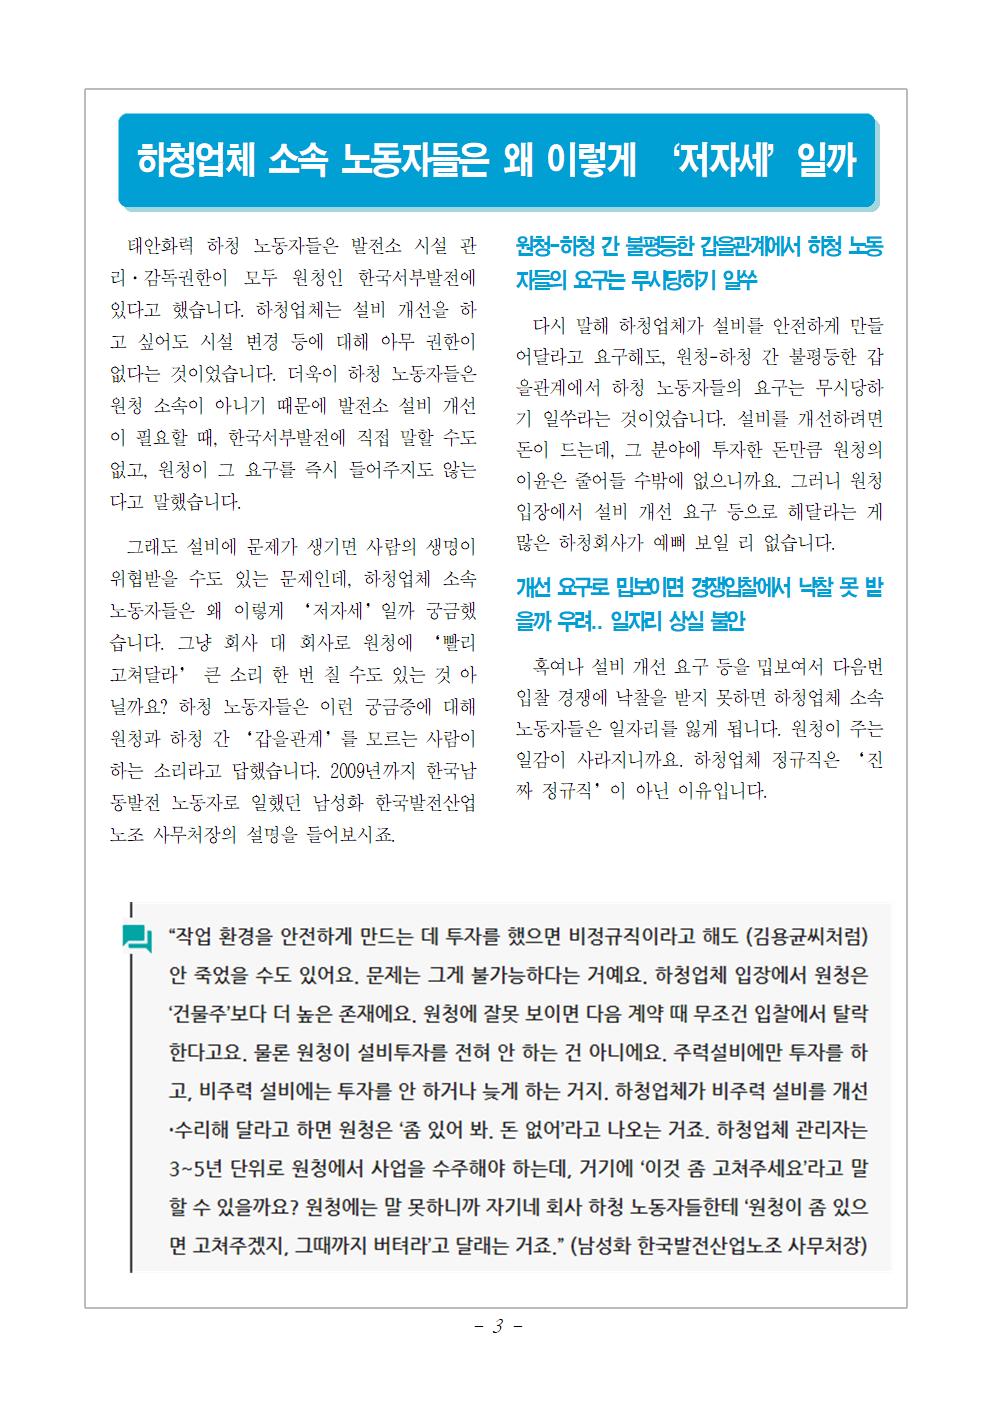 2018_교육지_부록003.png